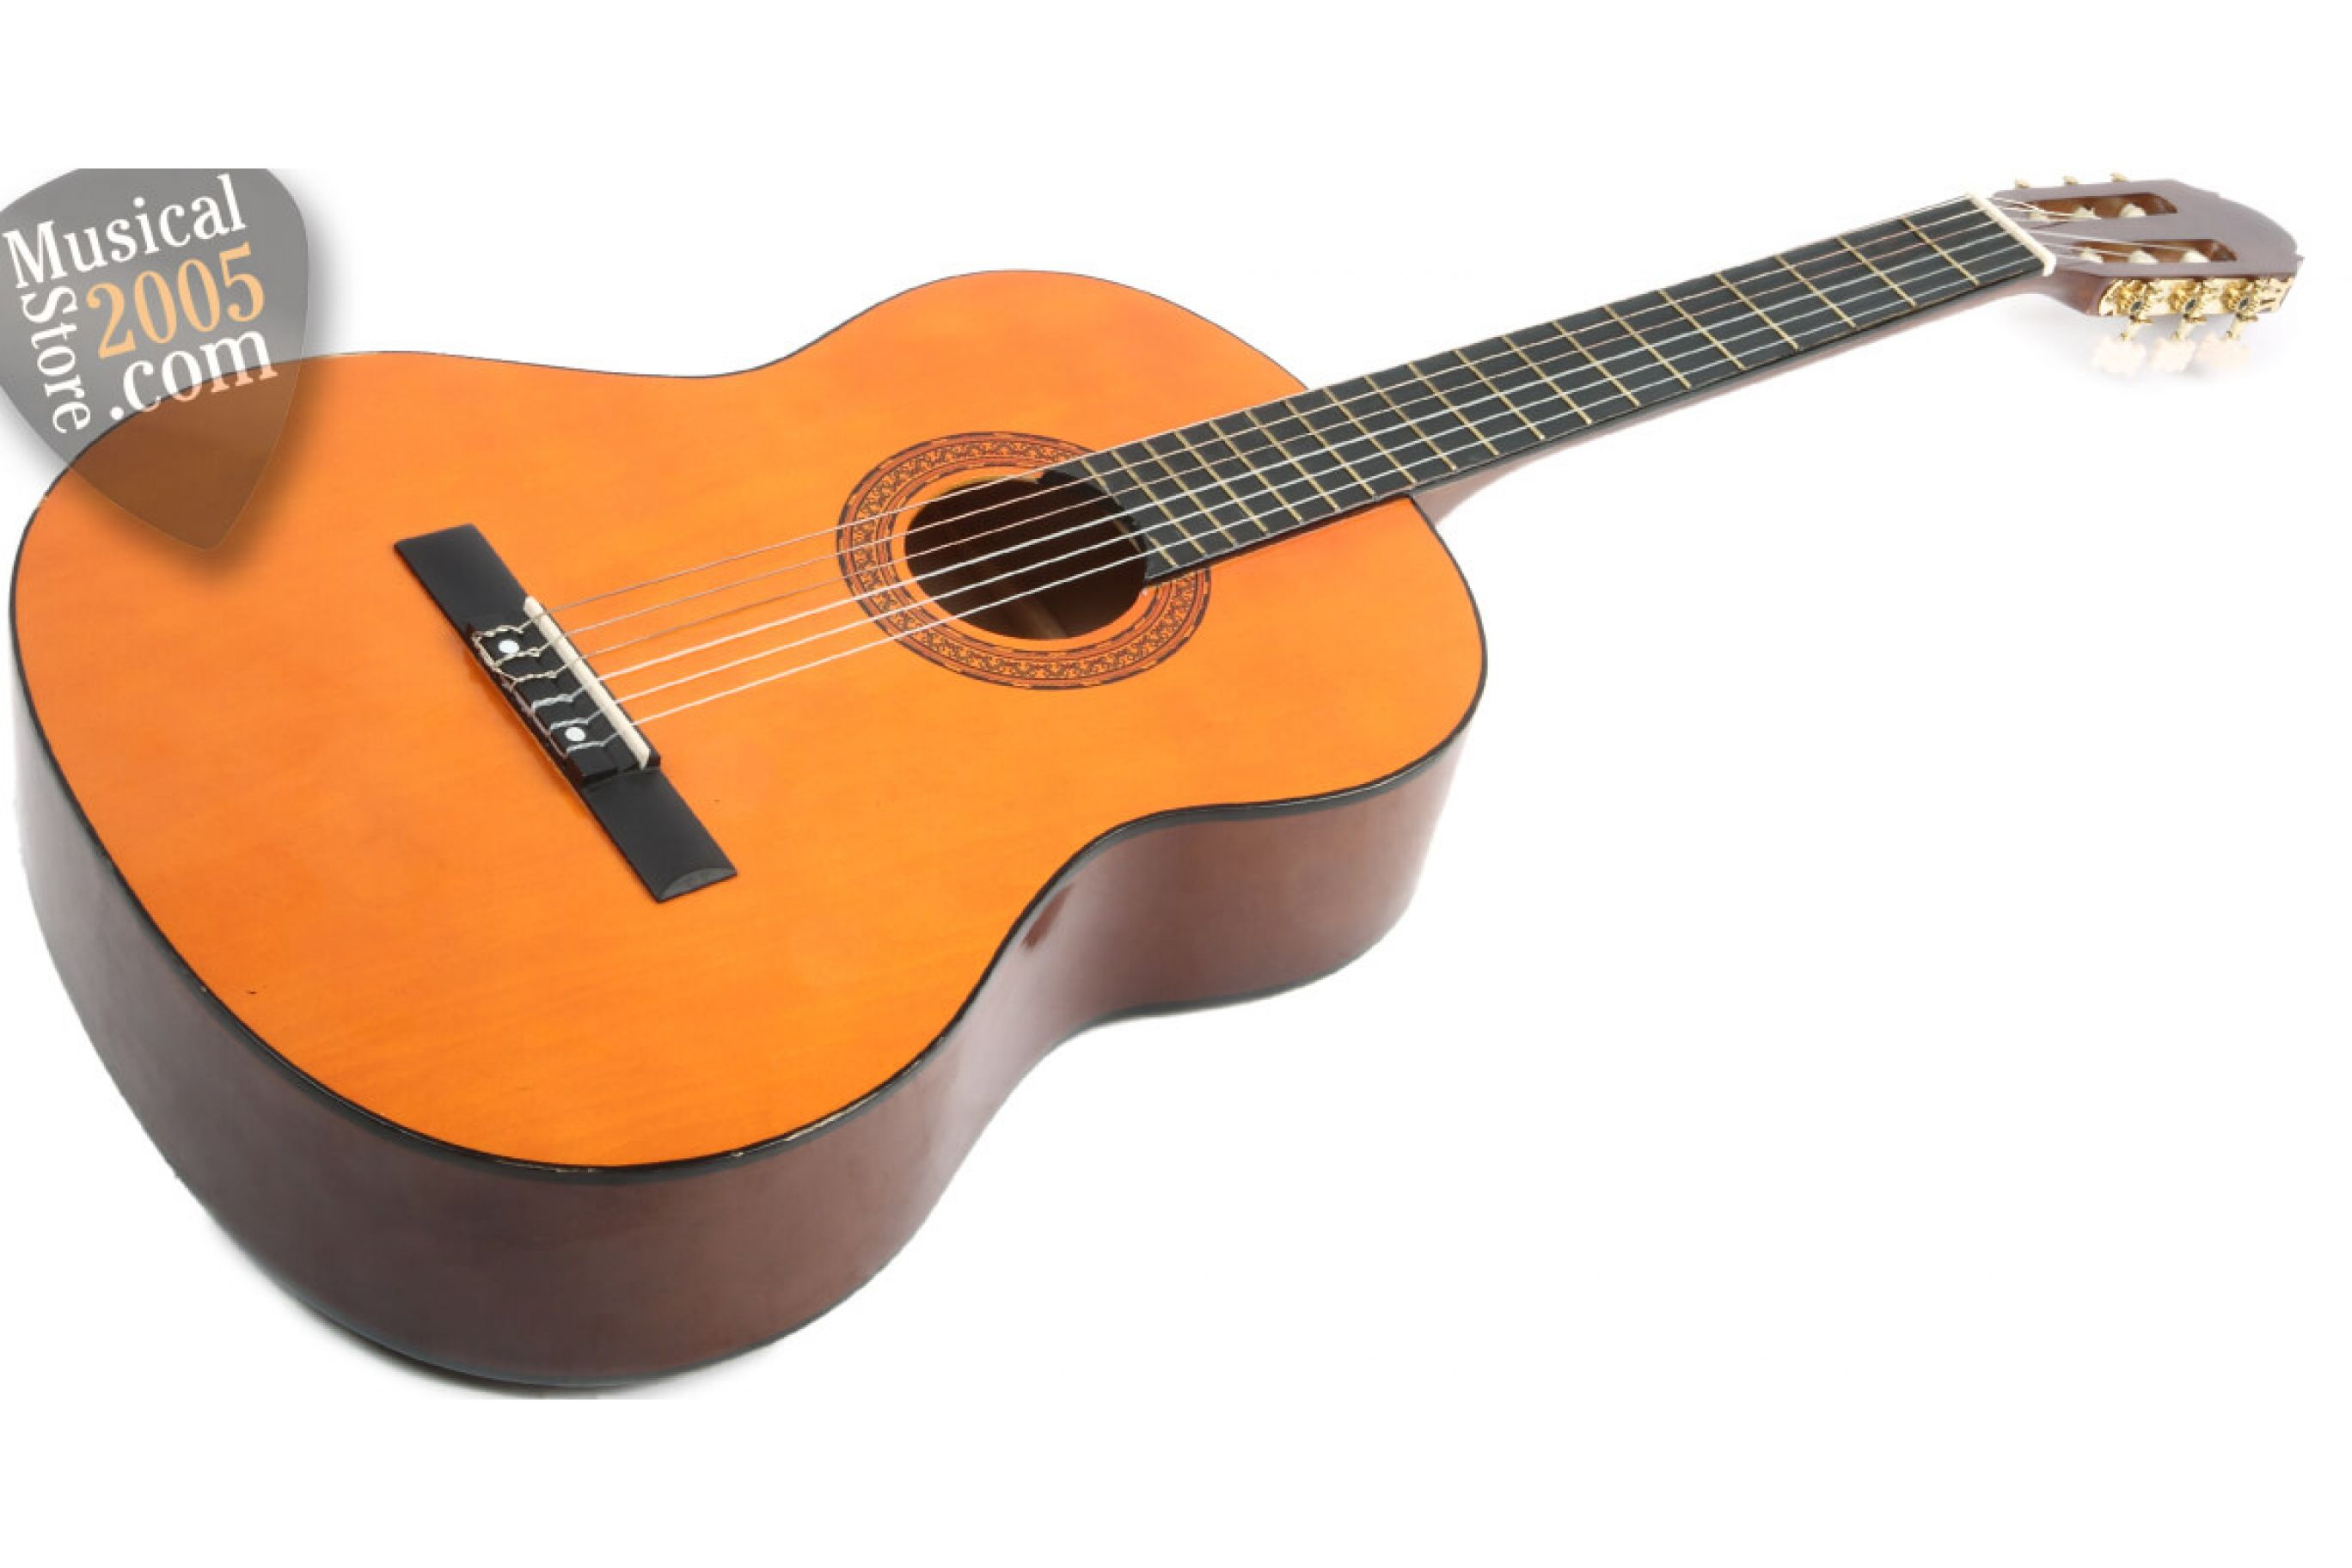 Classifica le migliori chitarre classiche per principianti